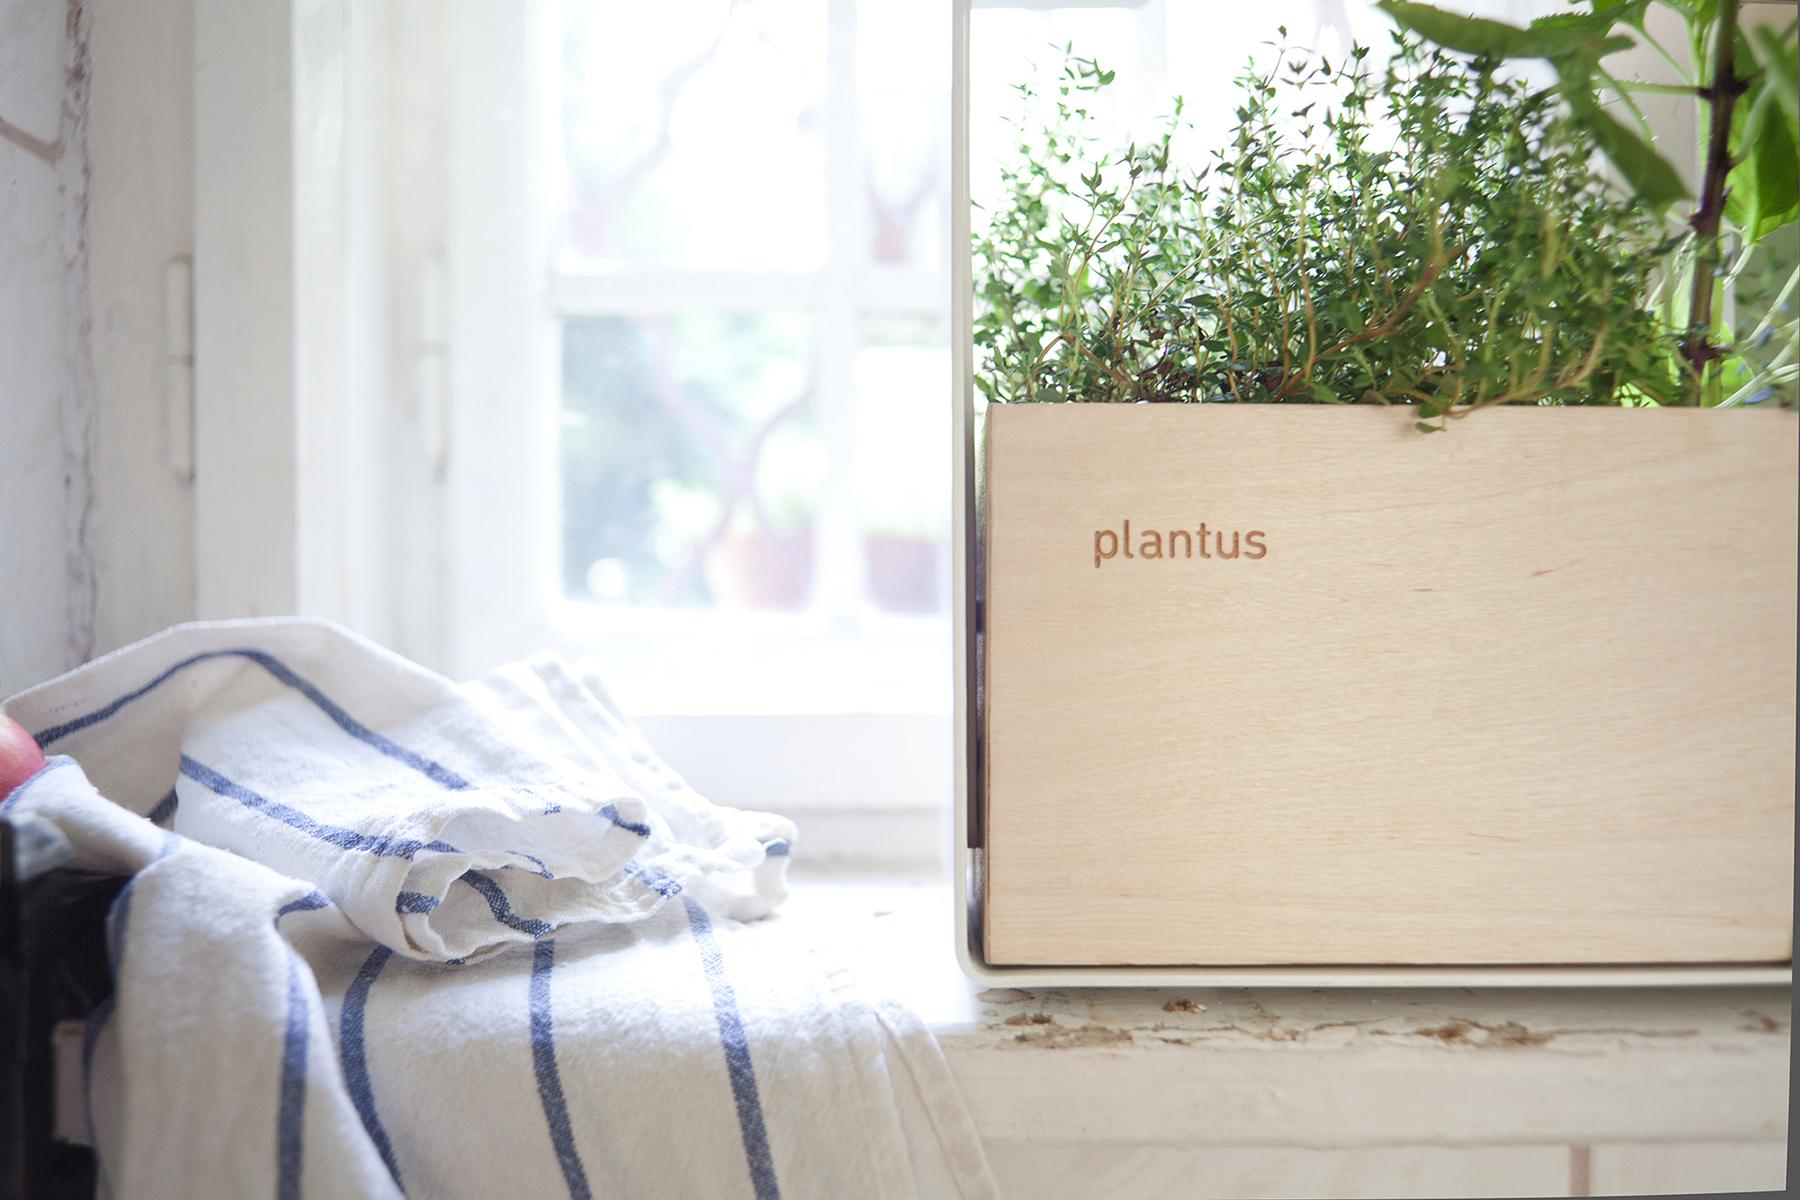 Indoor urban gardening - Plantus planters 02.jpg